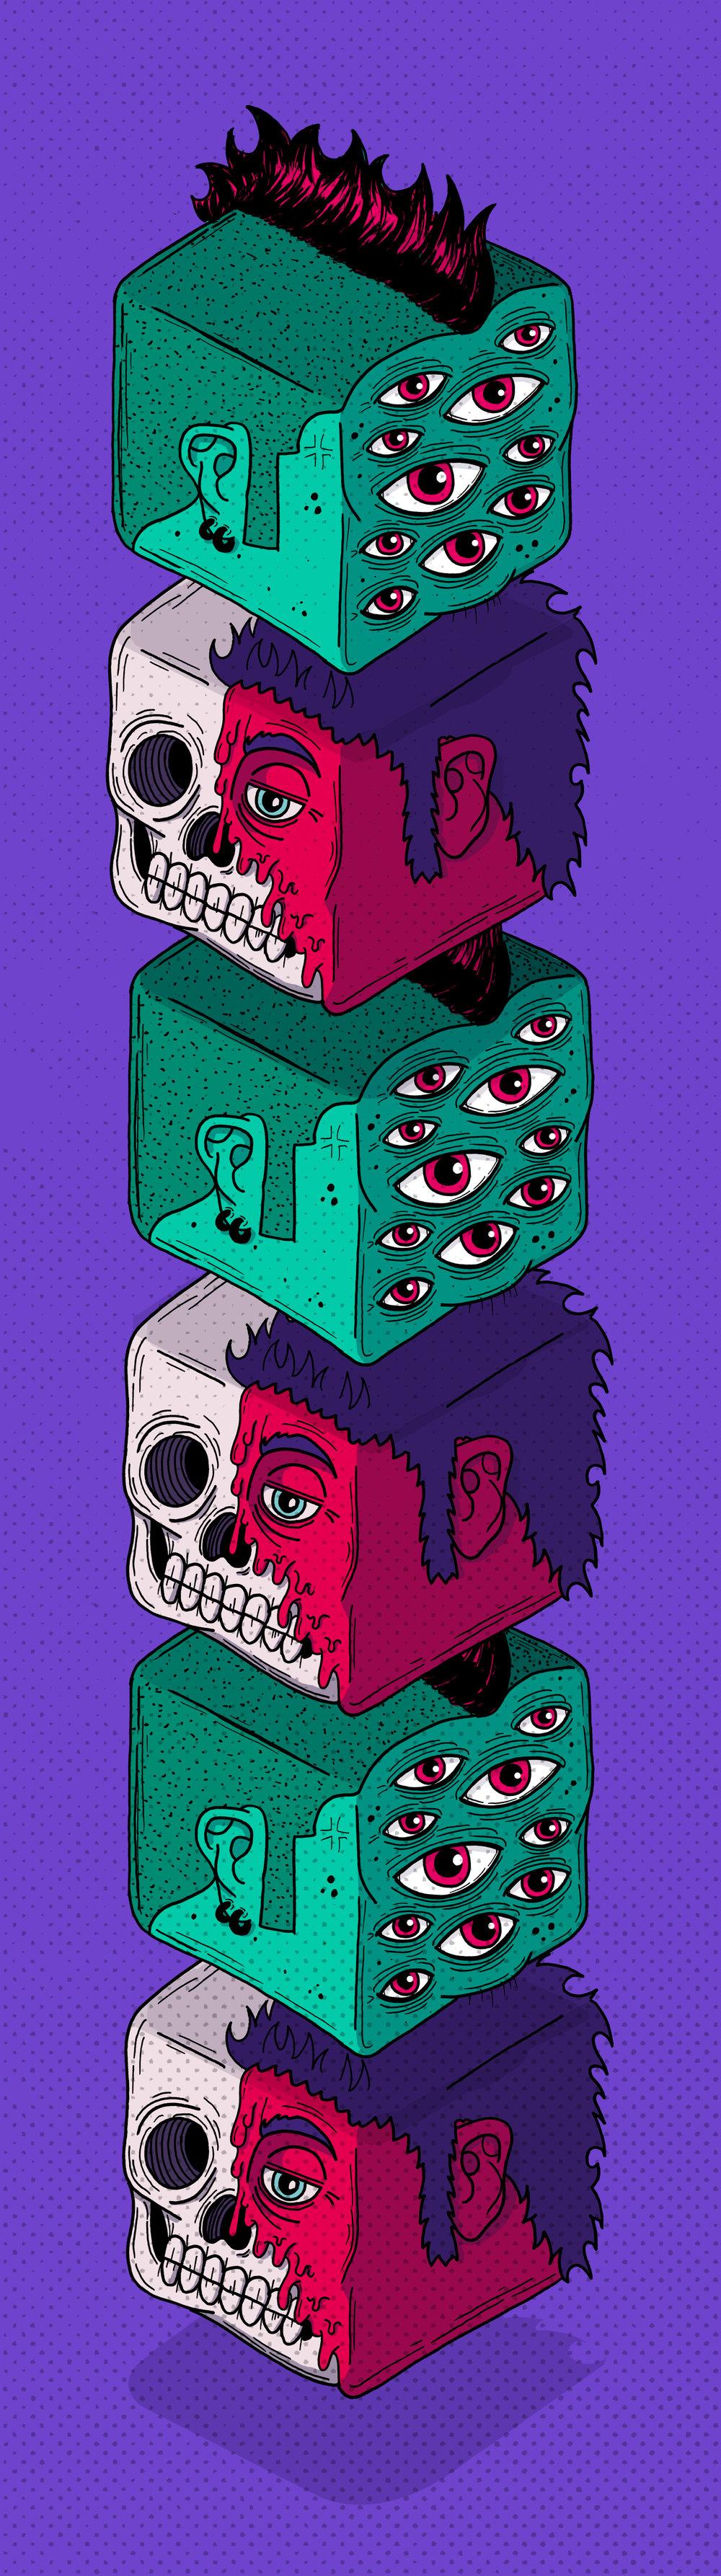 facebox-1-2-combi-totem.jpg